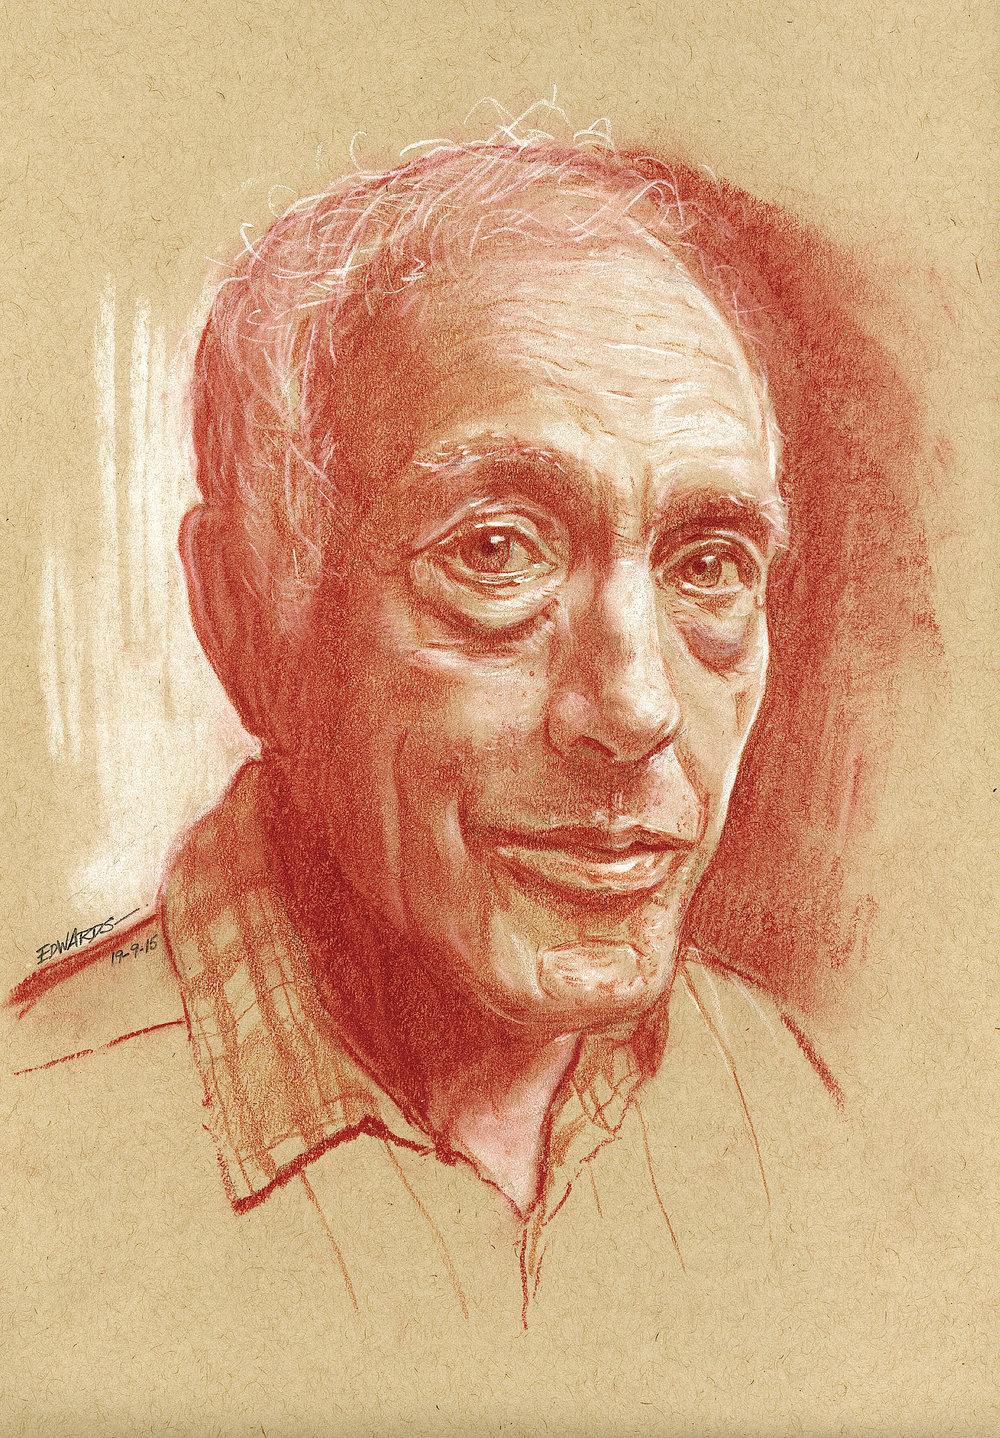 Gregory Bouyanover